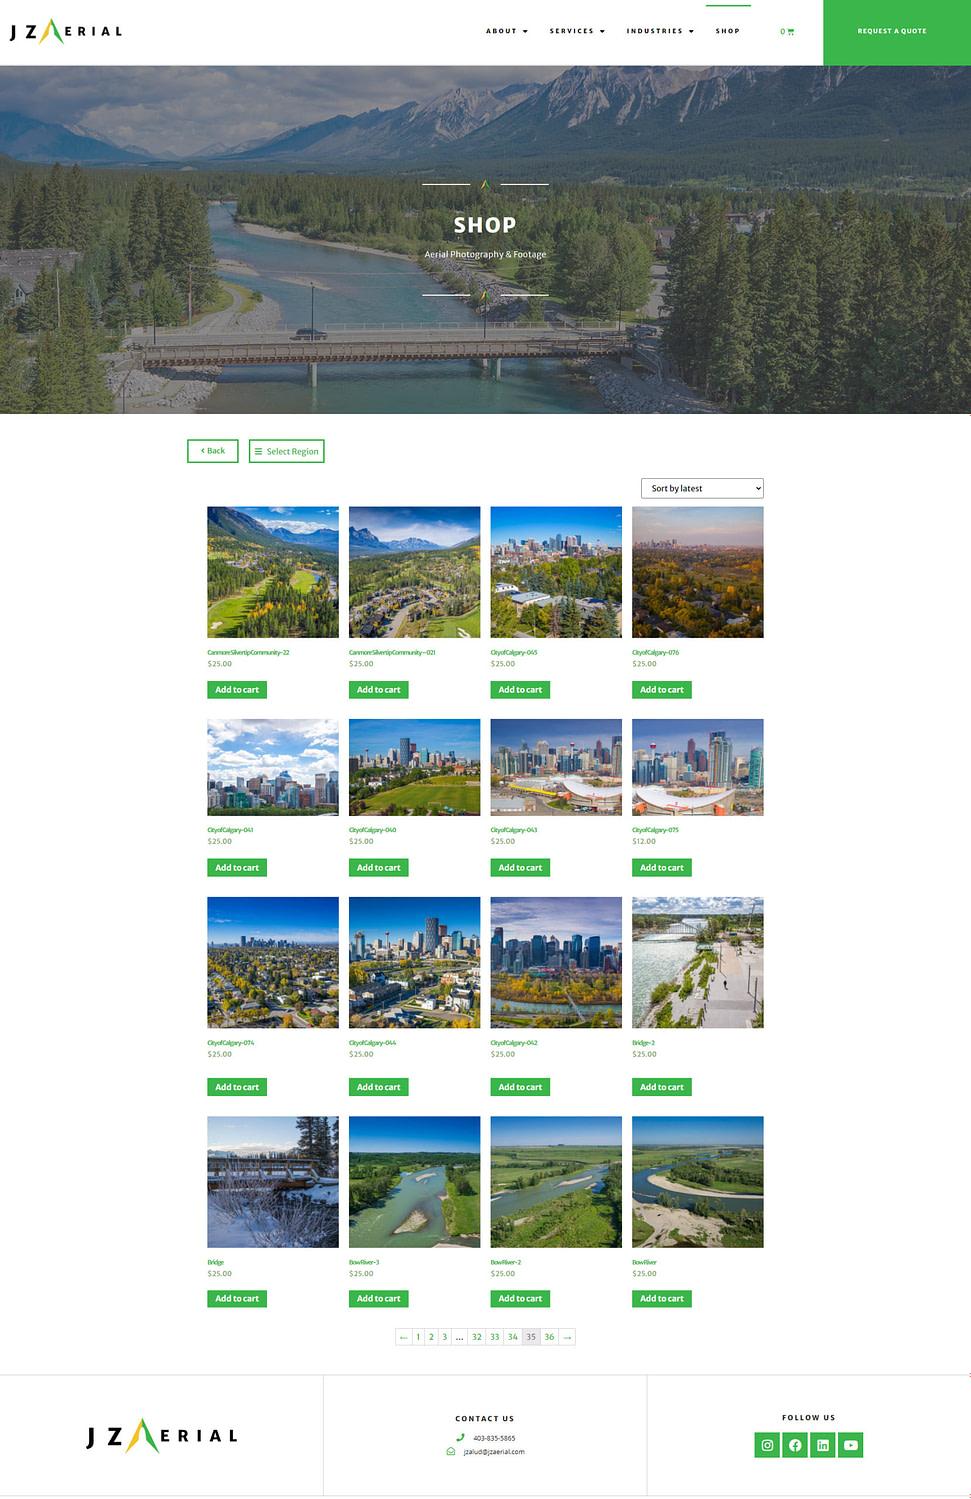 (JZ Aerial) 2020 Shop Screenshot Update